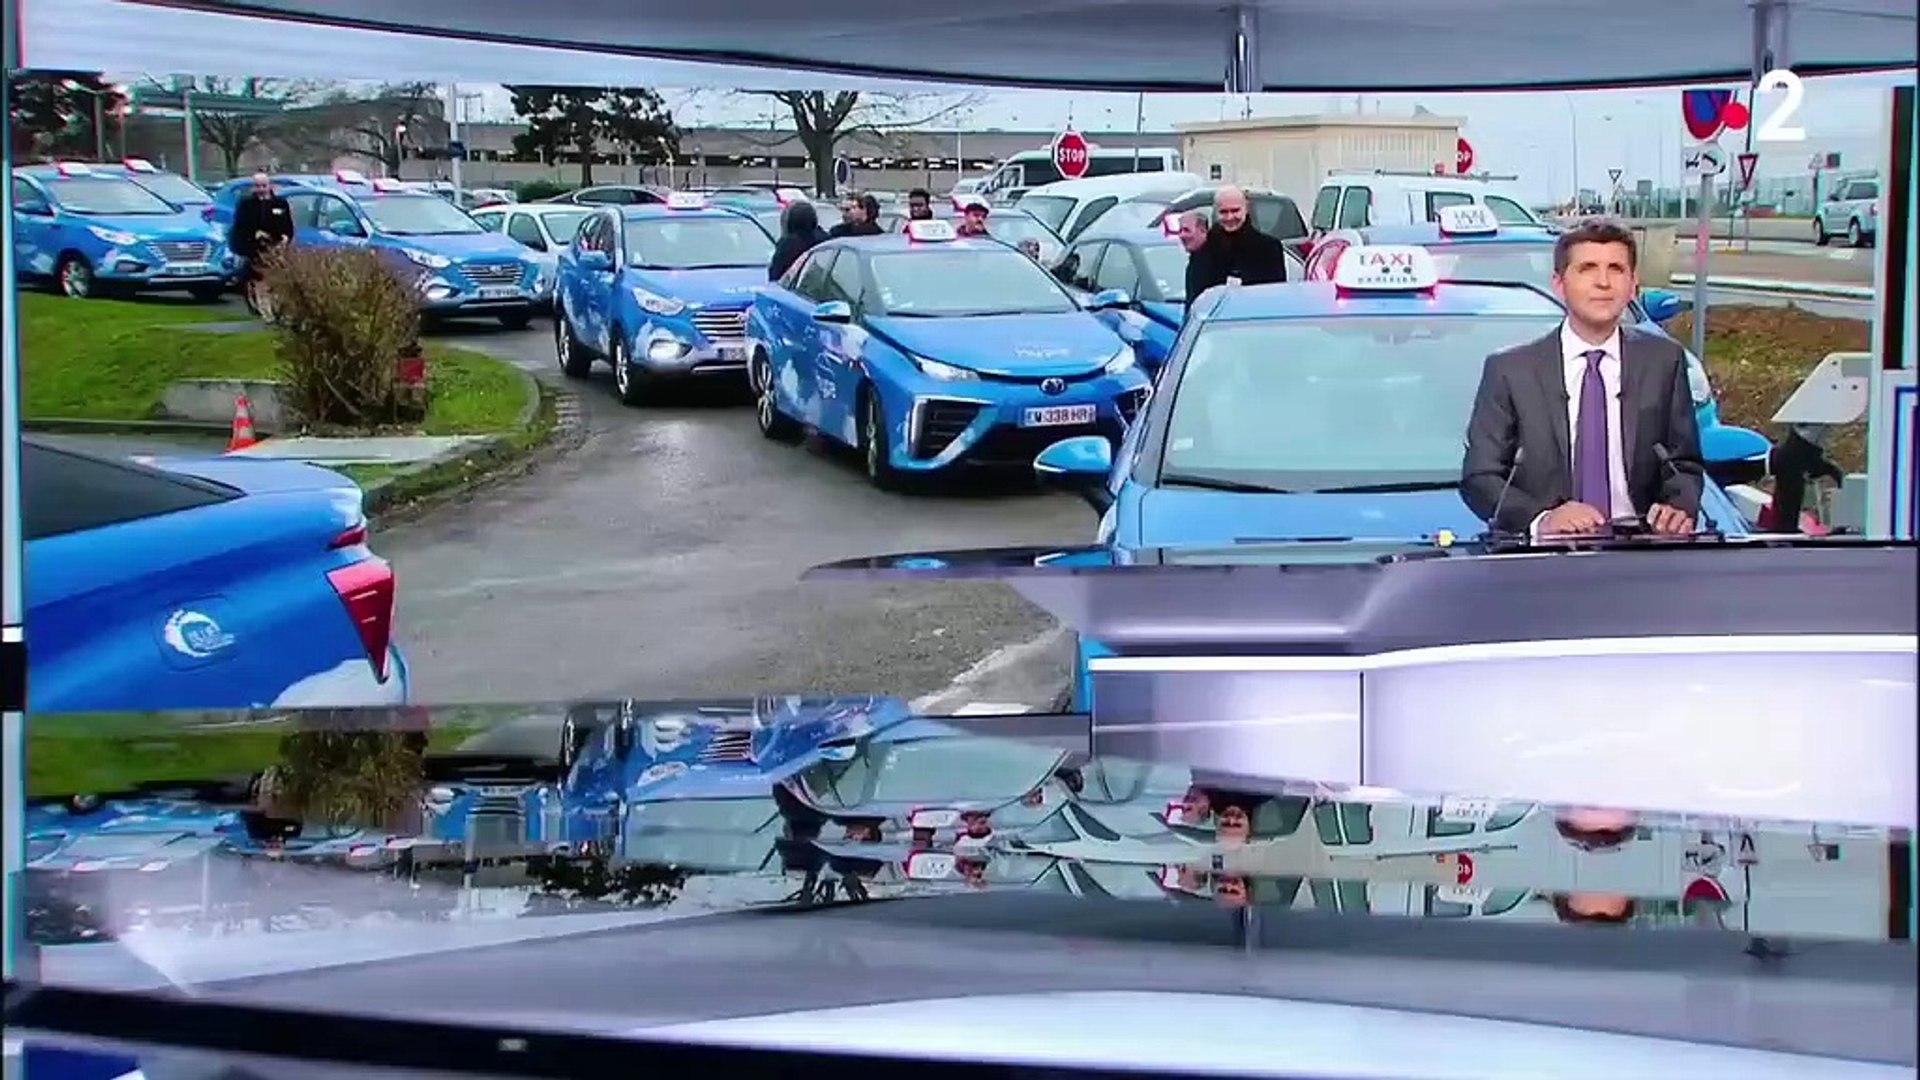 Environnement : les voitures à hydrogène sont-elles une alternatives crédibles pour les automobilist